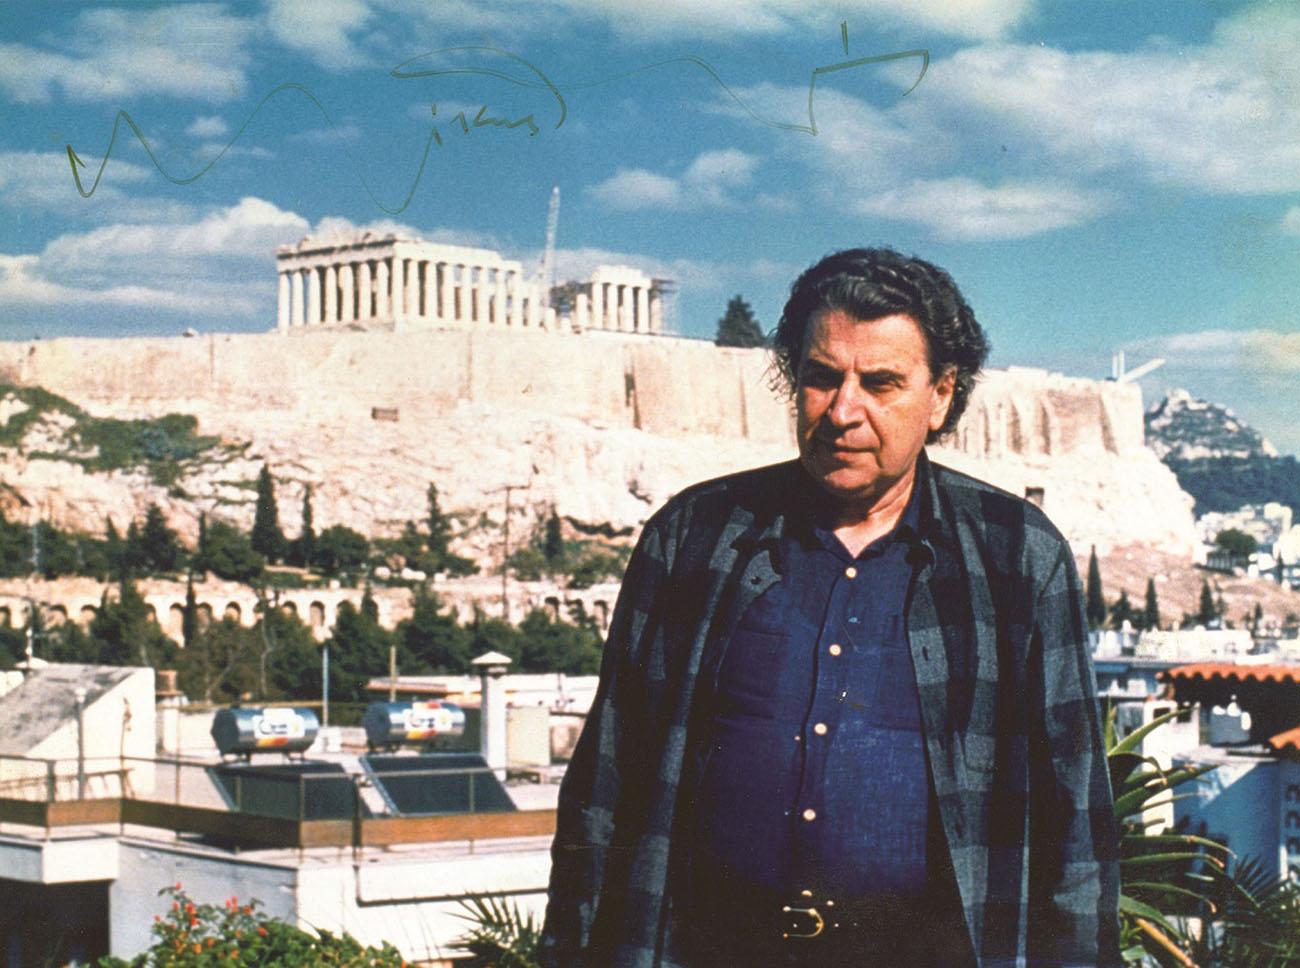 «Μίκης Θεοδωράκης – Η Αυτοβιογραφία»: Nτοκιμαντέρ για τη ζωή, την πορεία και το έργο του μεγάλου συνθέτη